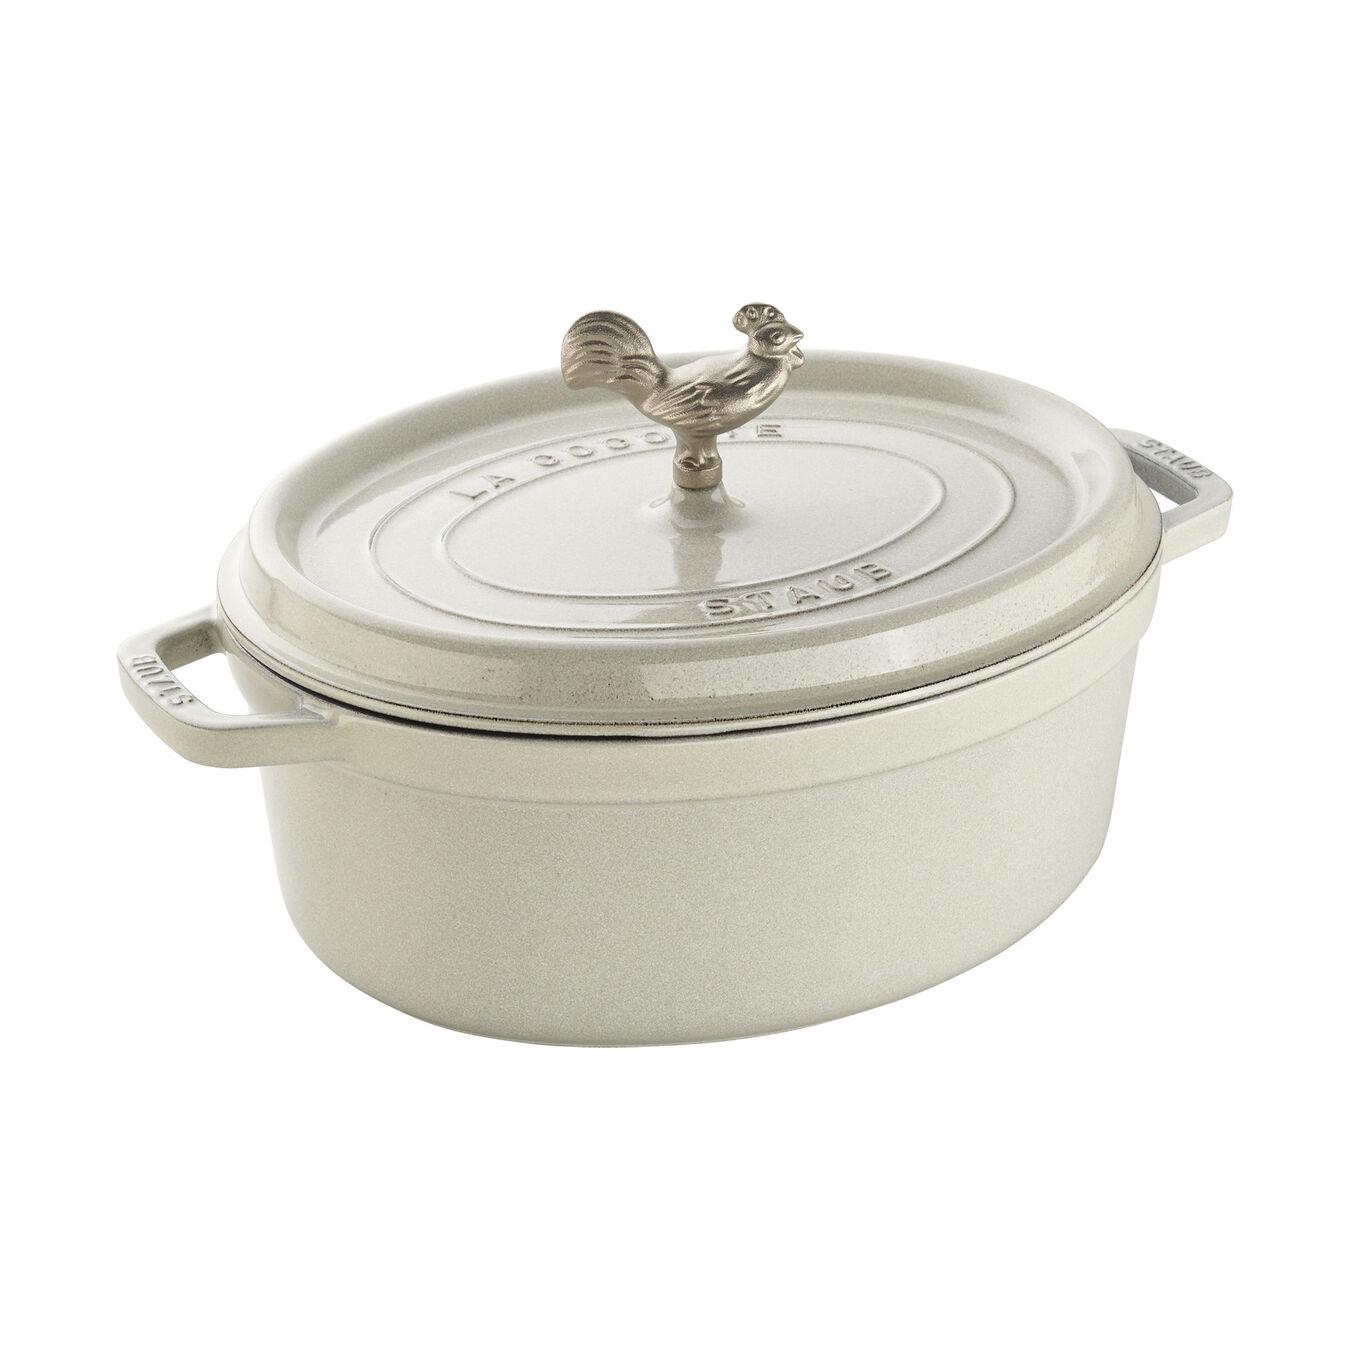 6 qt, La Coquette, white truffle,,large 1